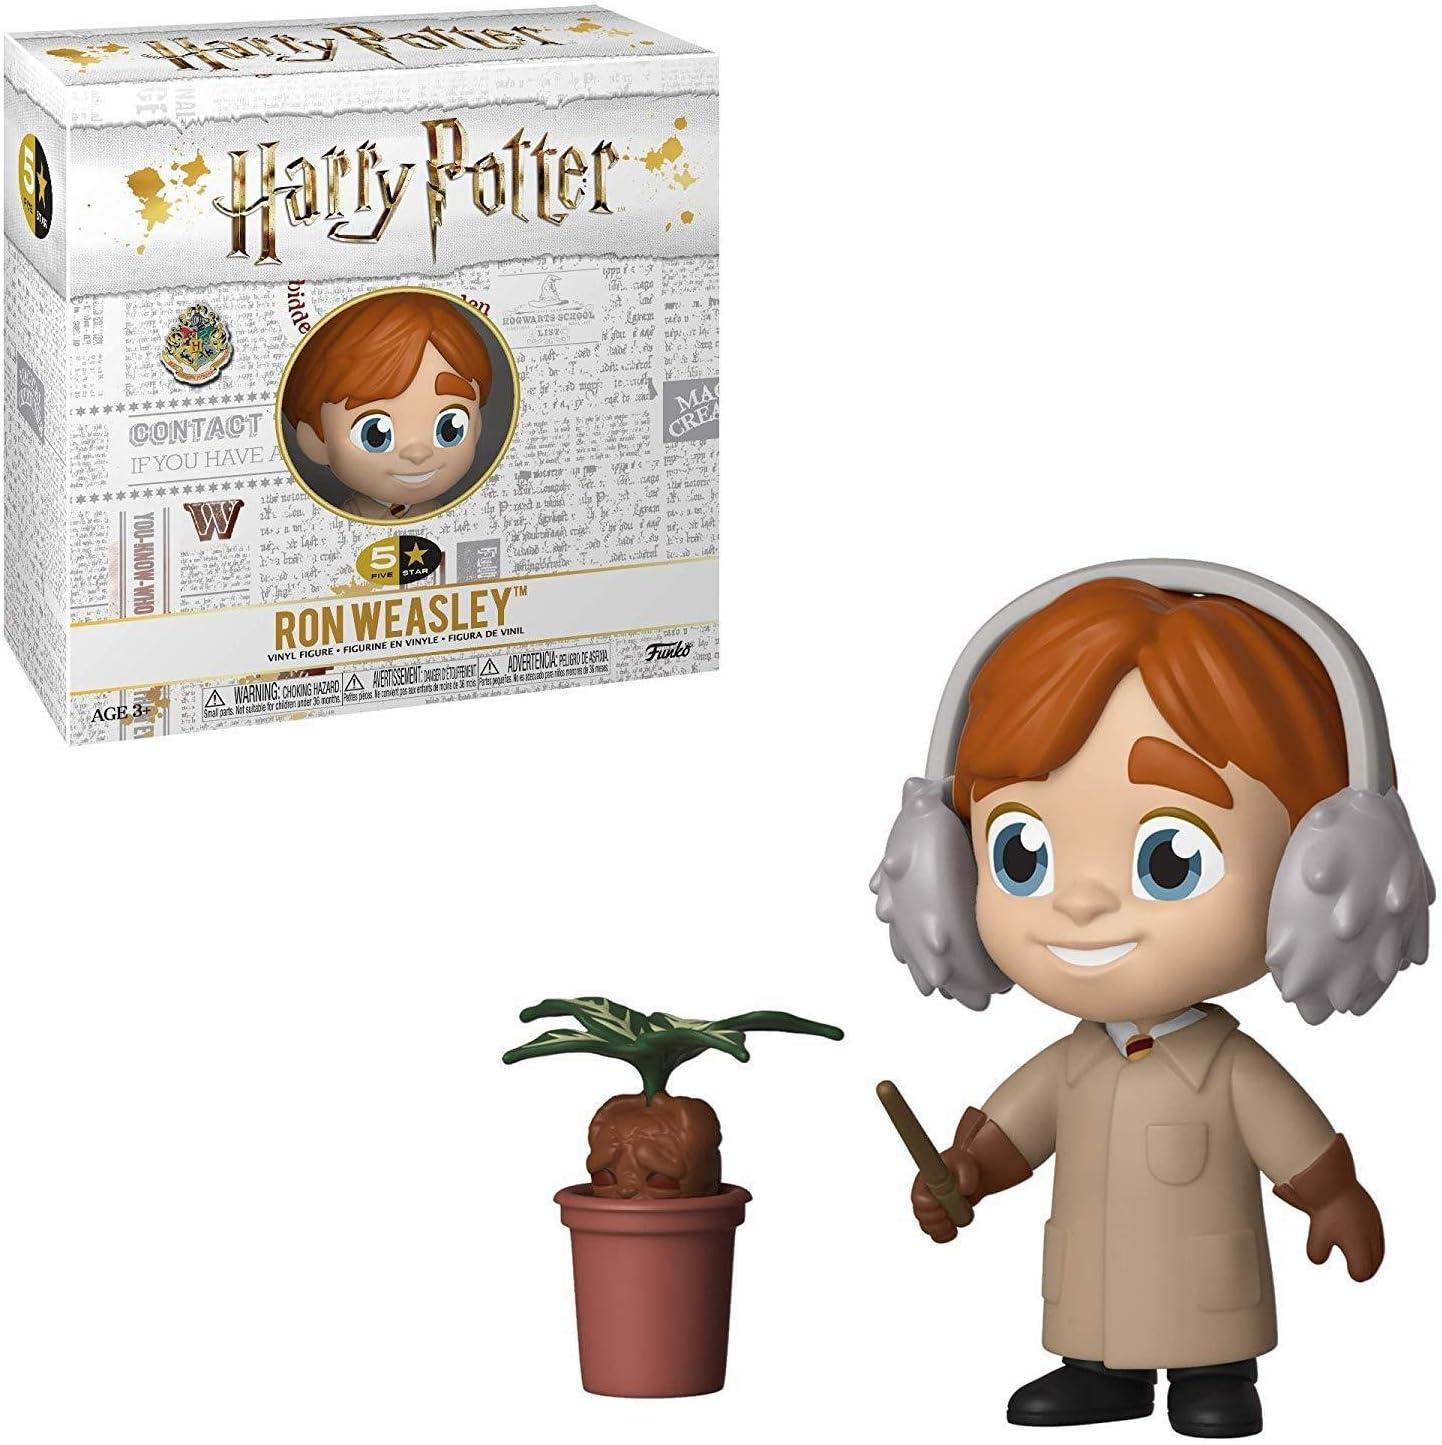 Funko Pop Harry Potter Ron Weasley, Multicolor (37265), 6.4 x 6.4 x 9.5 cm: Amazon.es: Juguetes y juegos